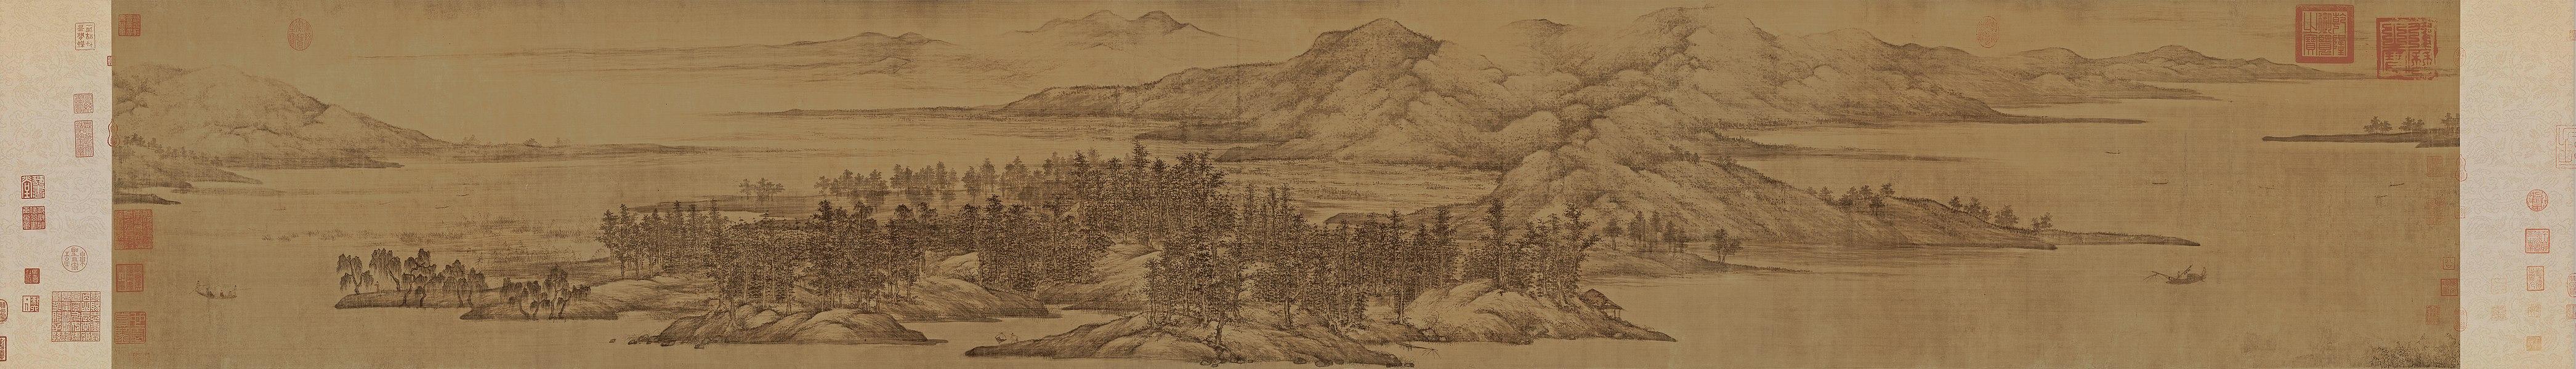 dong yuan - image 4